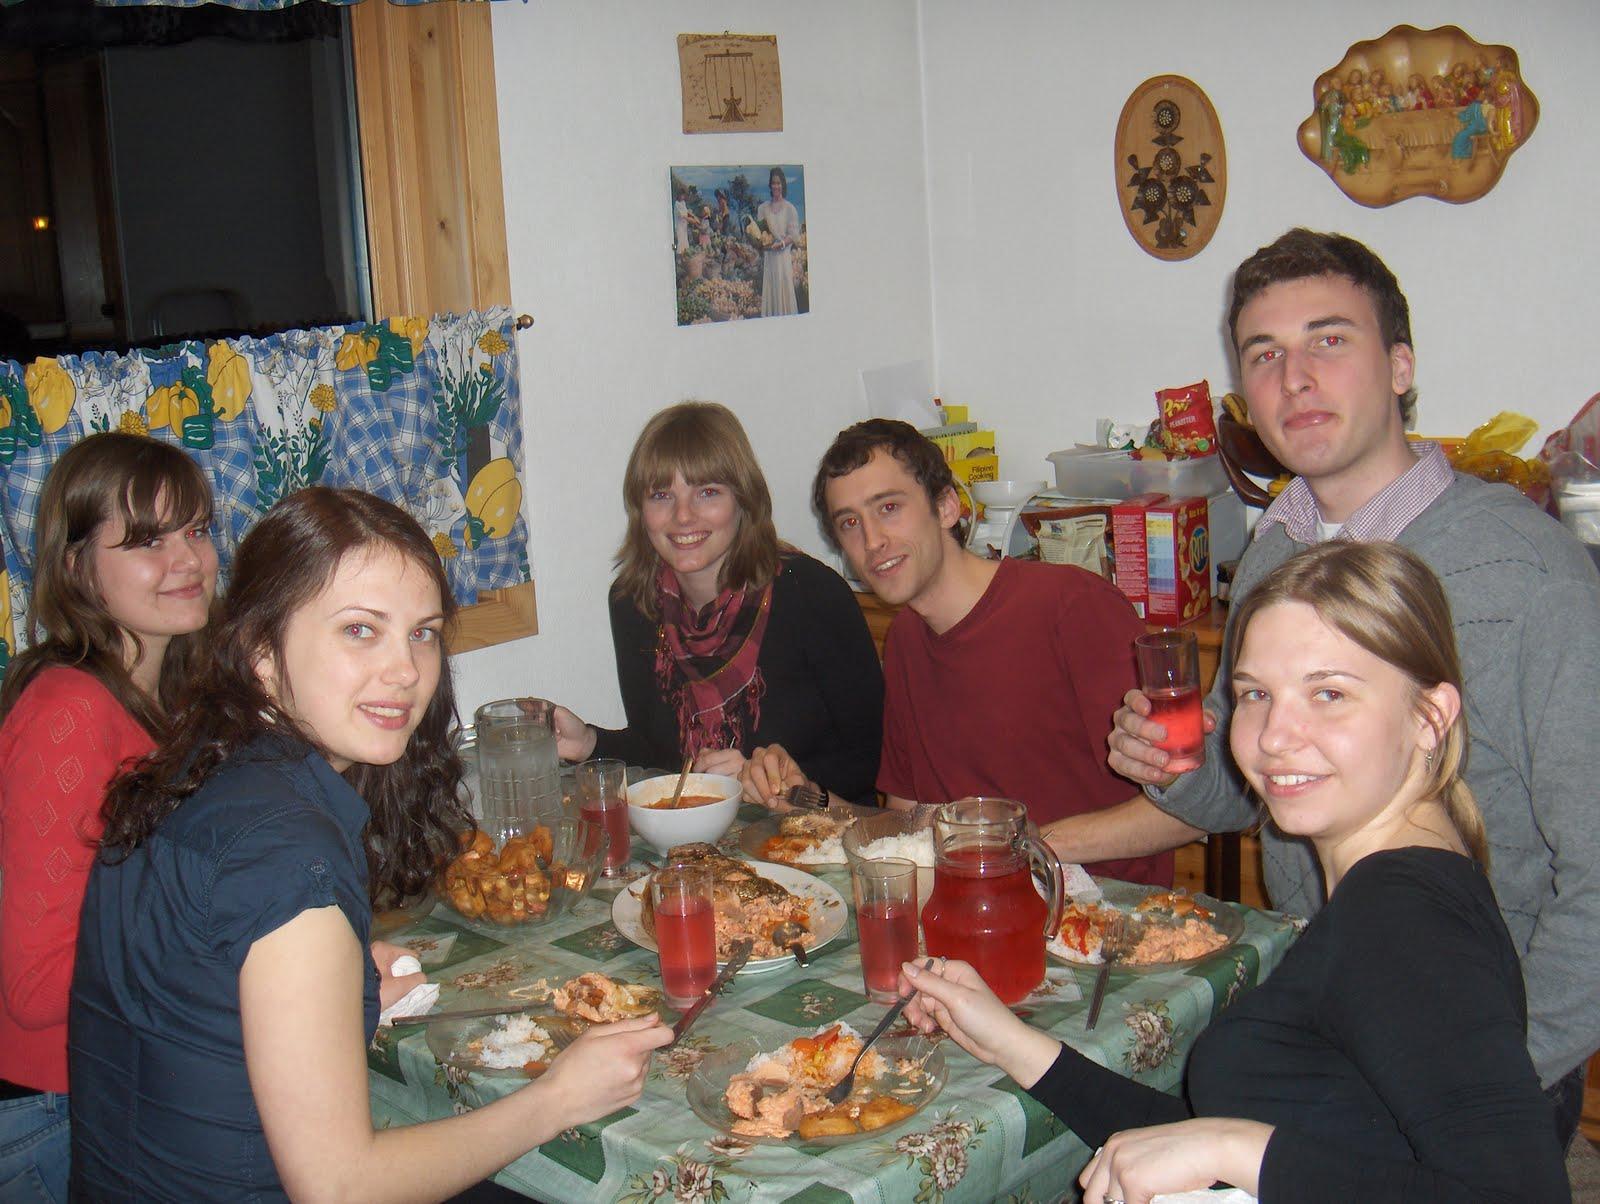 Erasmus 2010 in molde noorwegen paaseieren in trondheim for Letse keuken